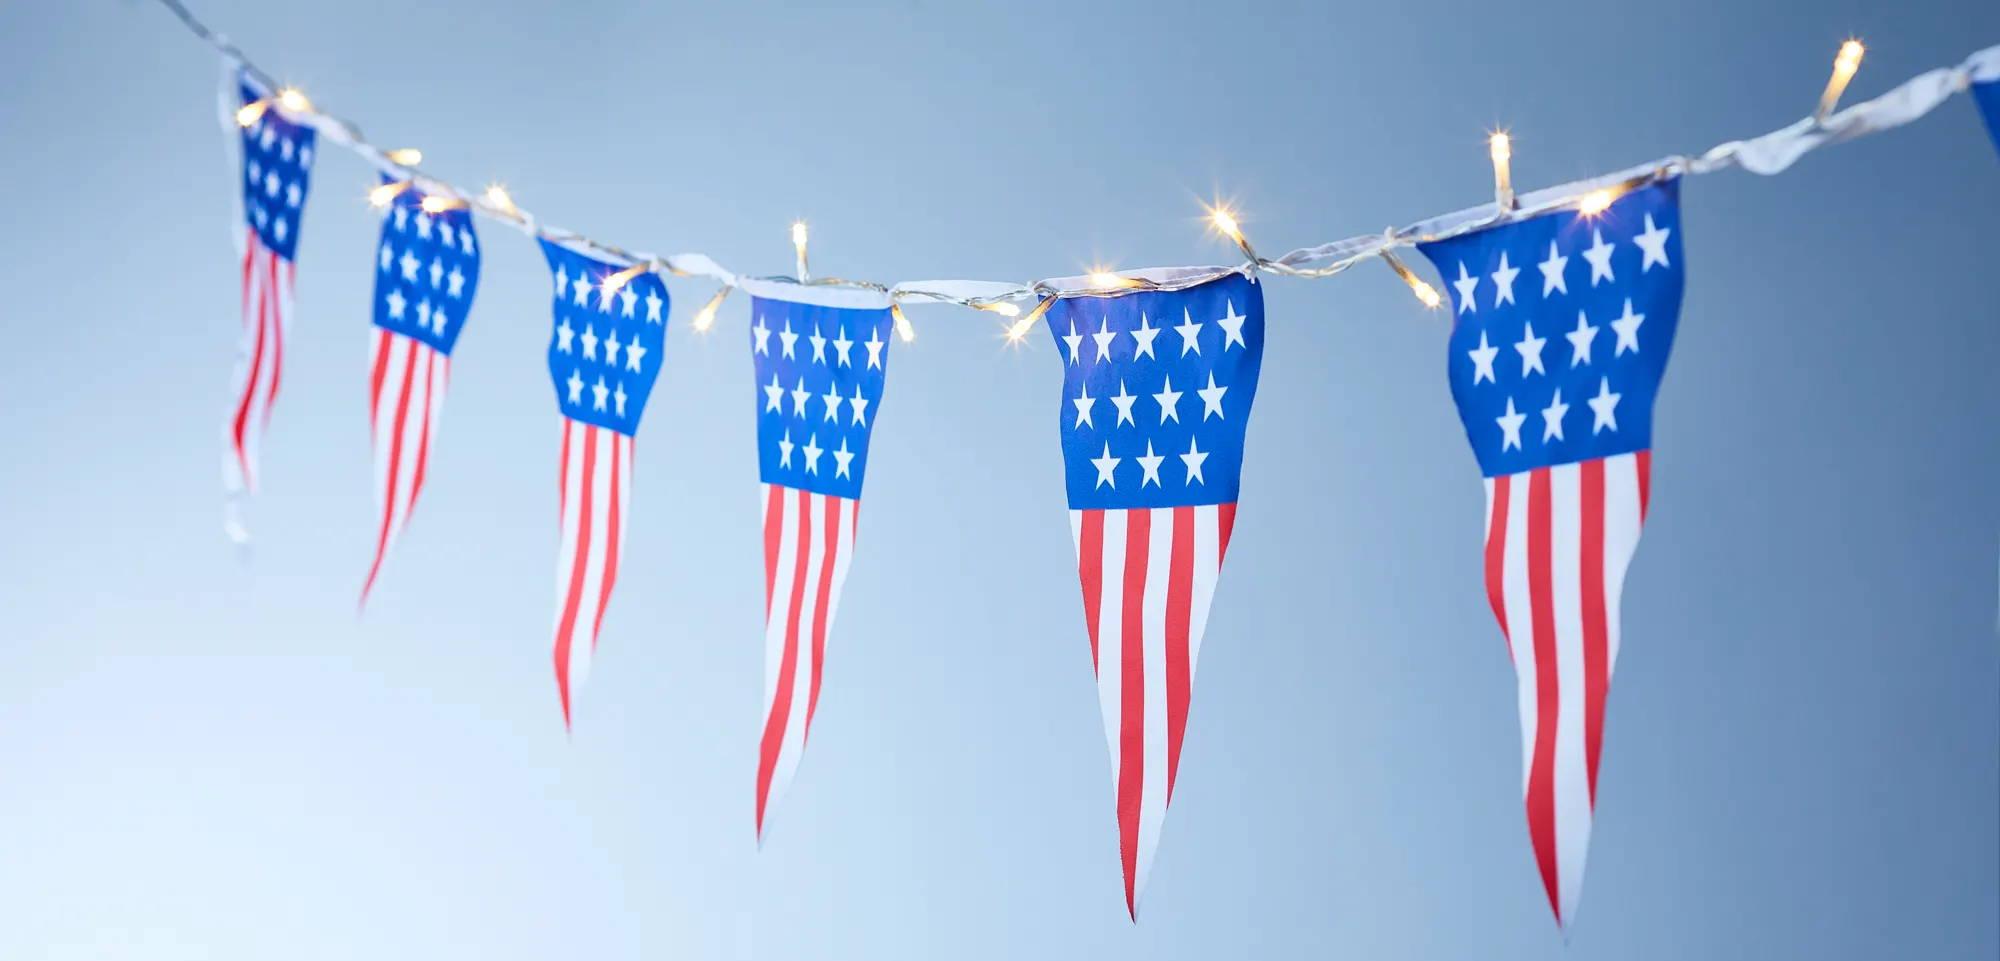 Flag bunting illuminated outdoors